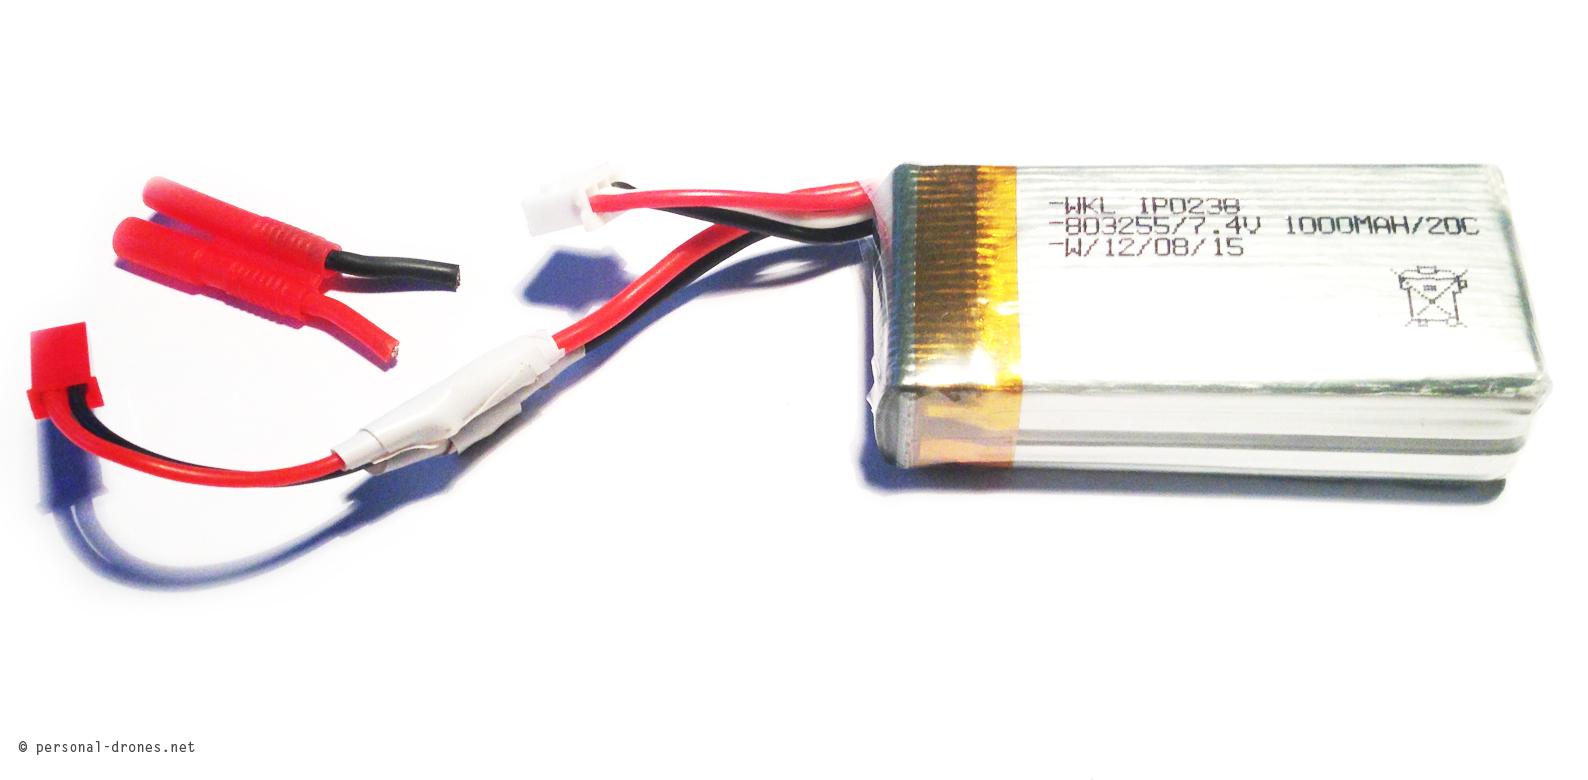 Kk2 Board Personal Drones Orangerx Wiring Diagram Htx To Jst Soldering On Walkera Battery